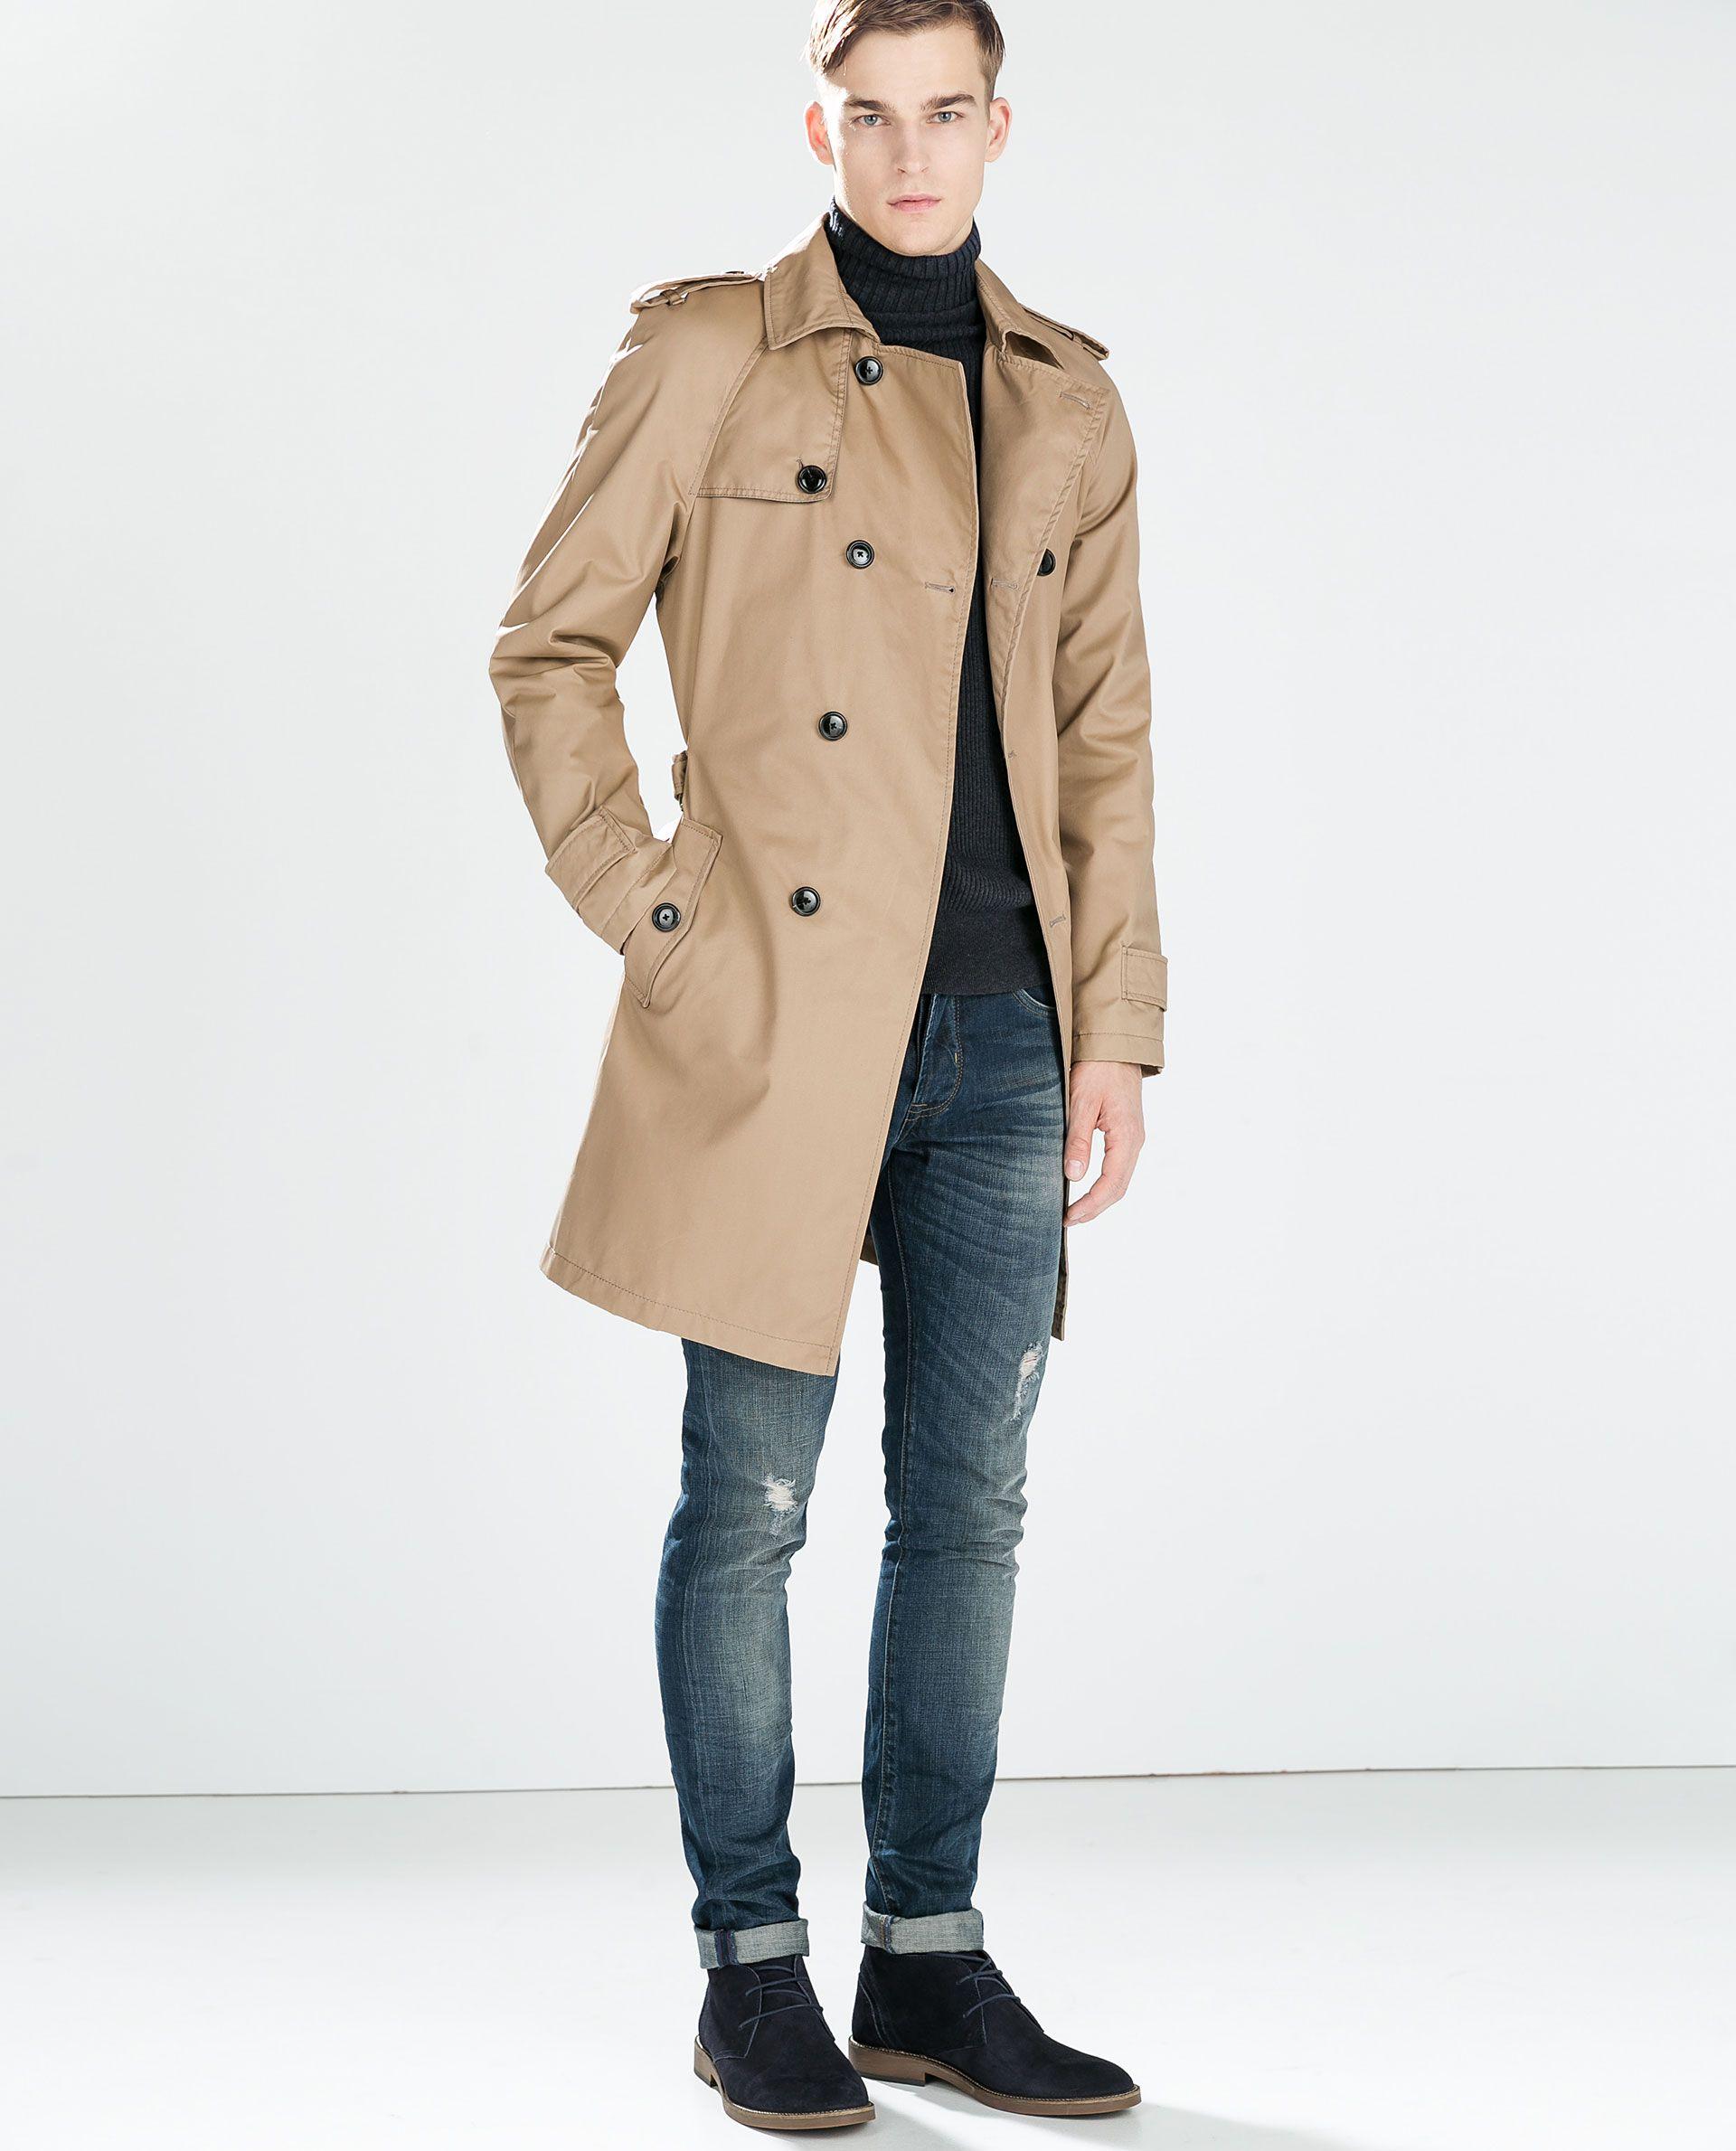 45fb84bc OVERSIZED TRENCH COAT - Coats and Trench coats - MAN | ZARA Bulgaria Trench  Coat Men